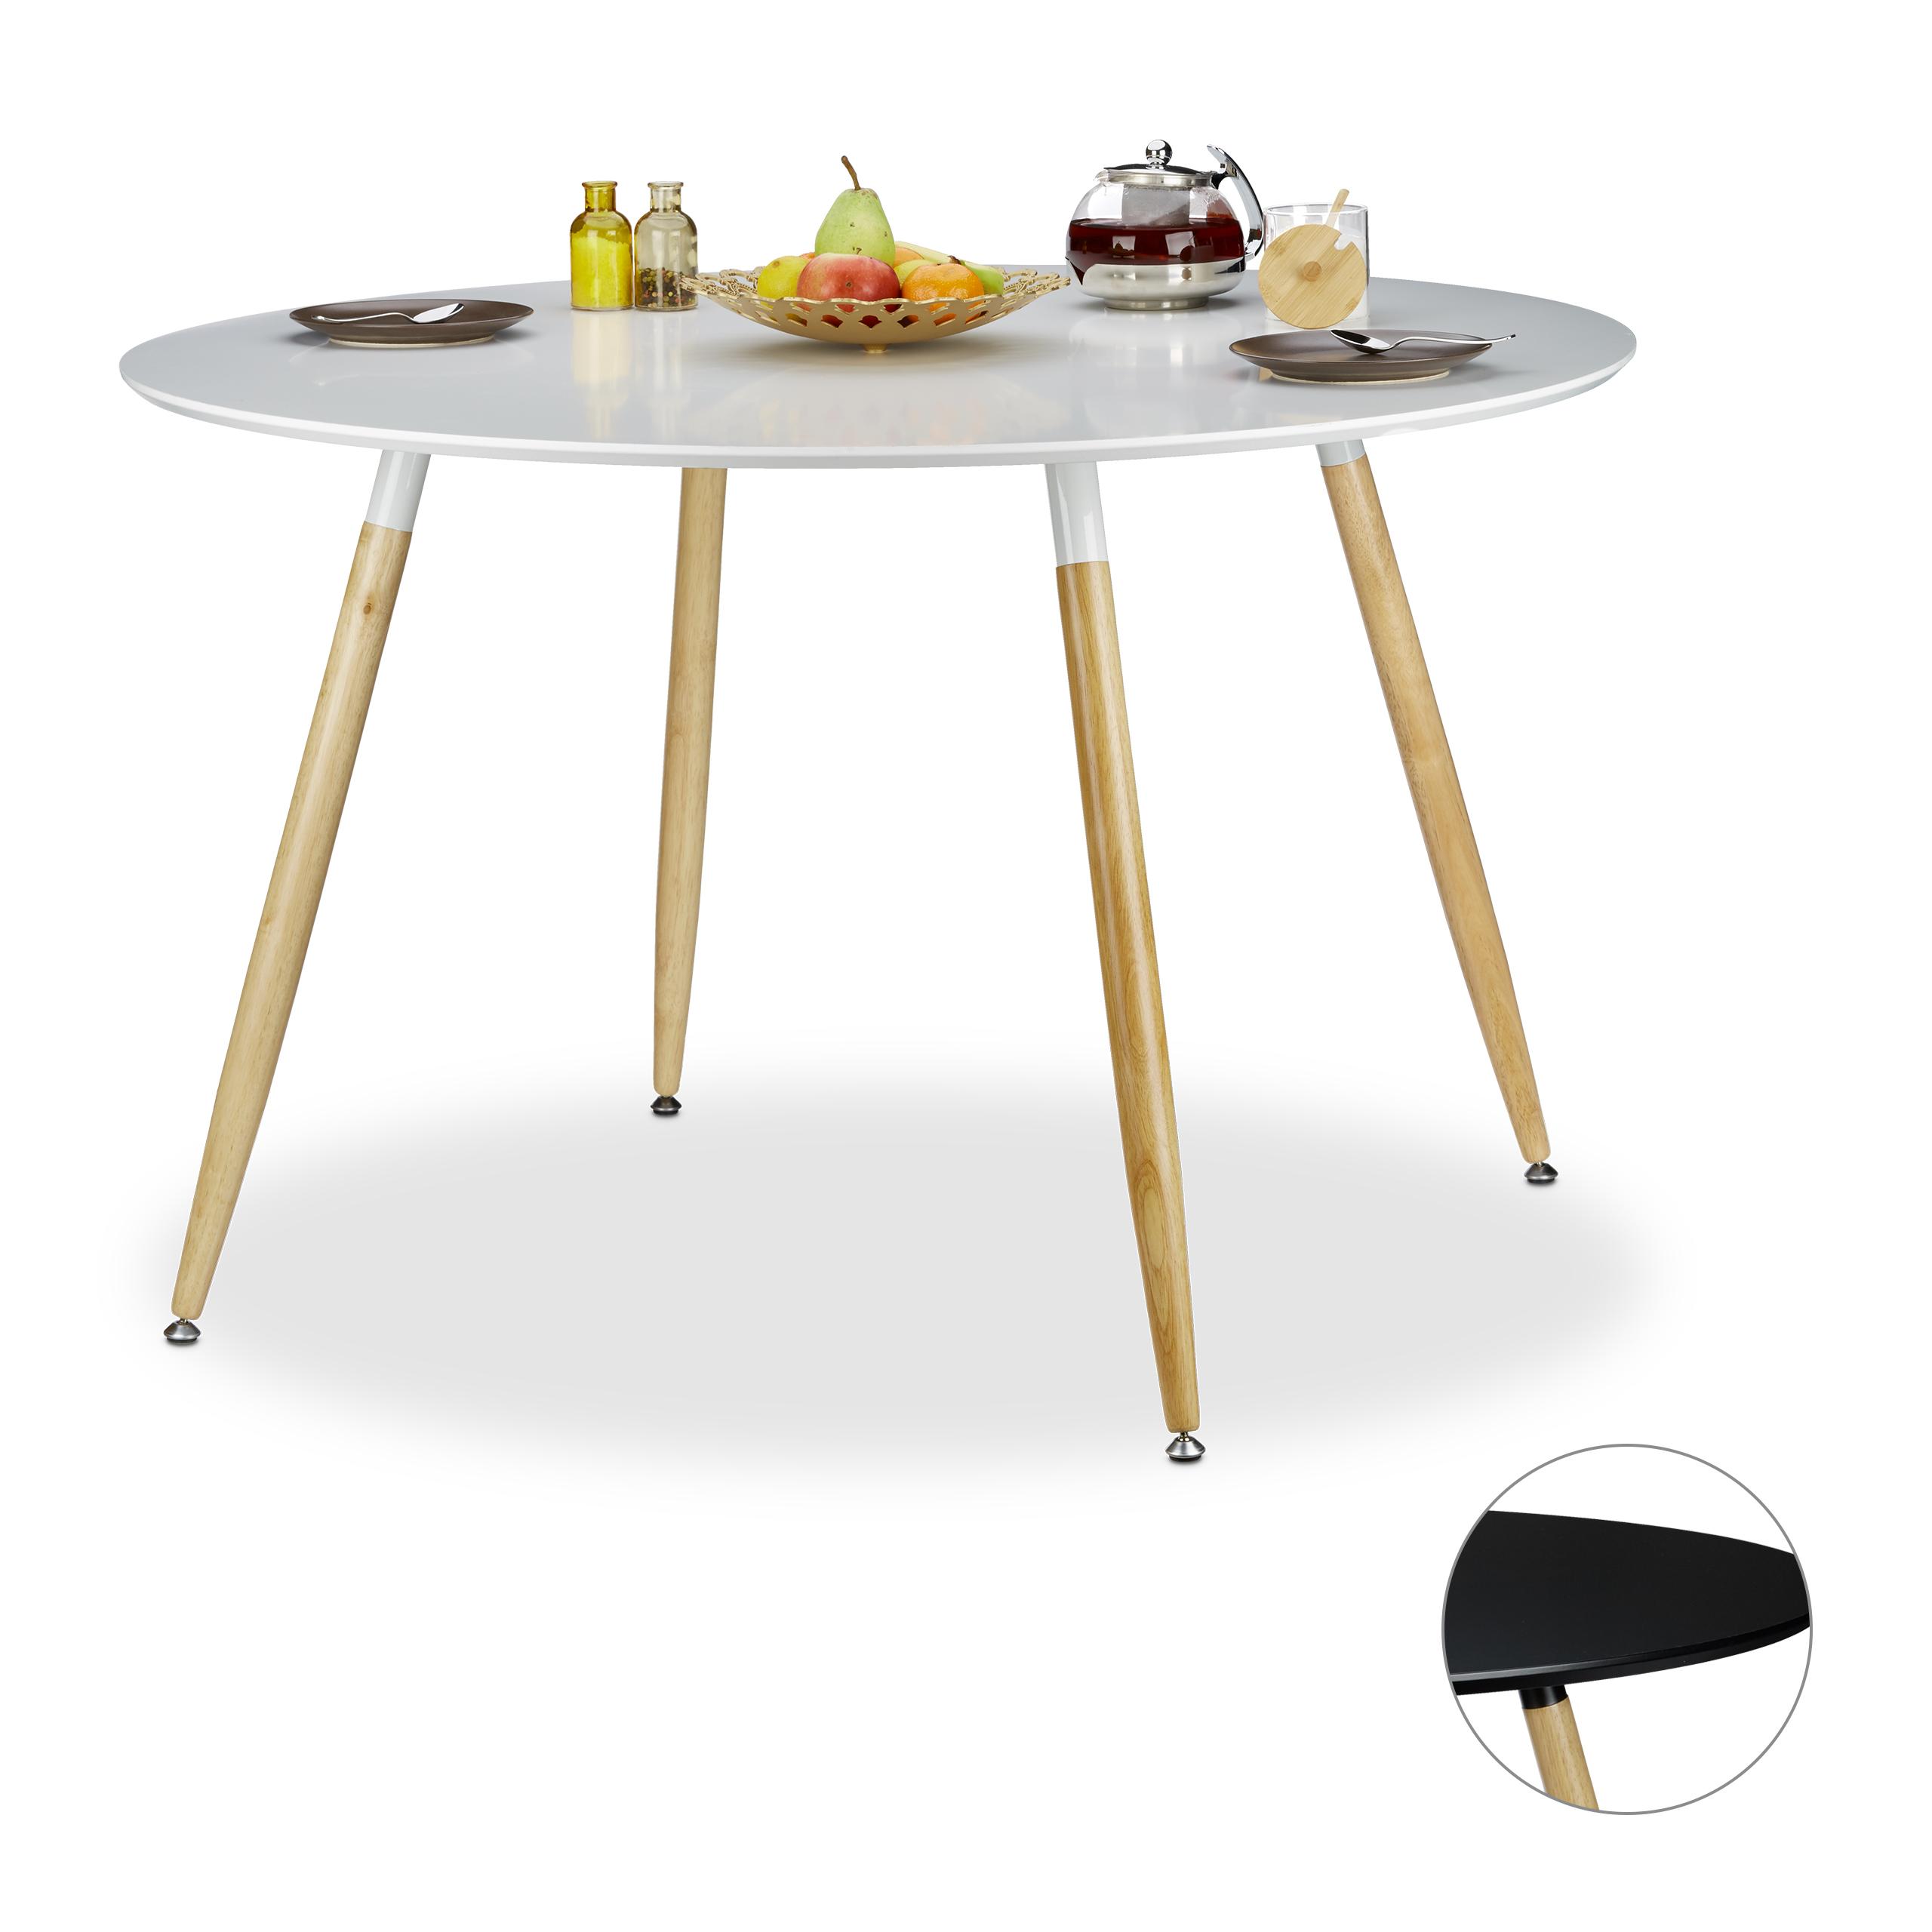 Esstisch-rund-Holz-6-8-Personen-Esszimmertisch-nordisch-Design-Kuechentisch